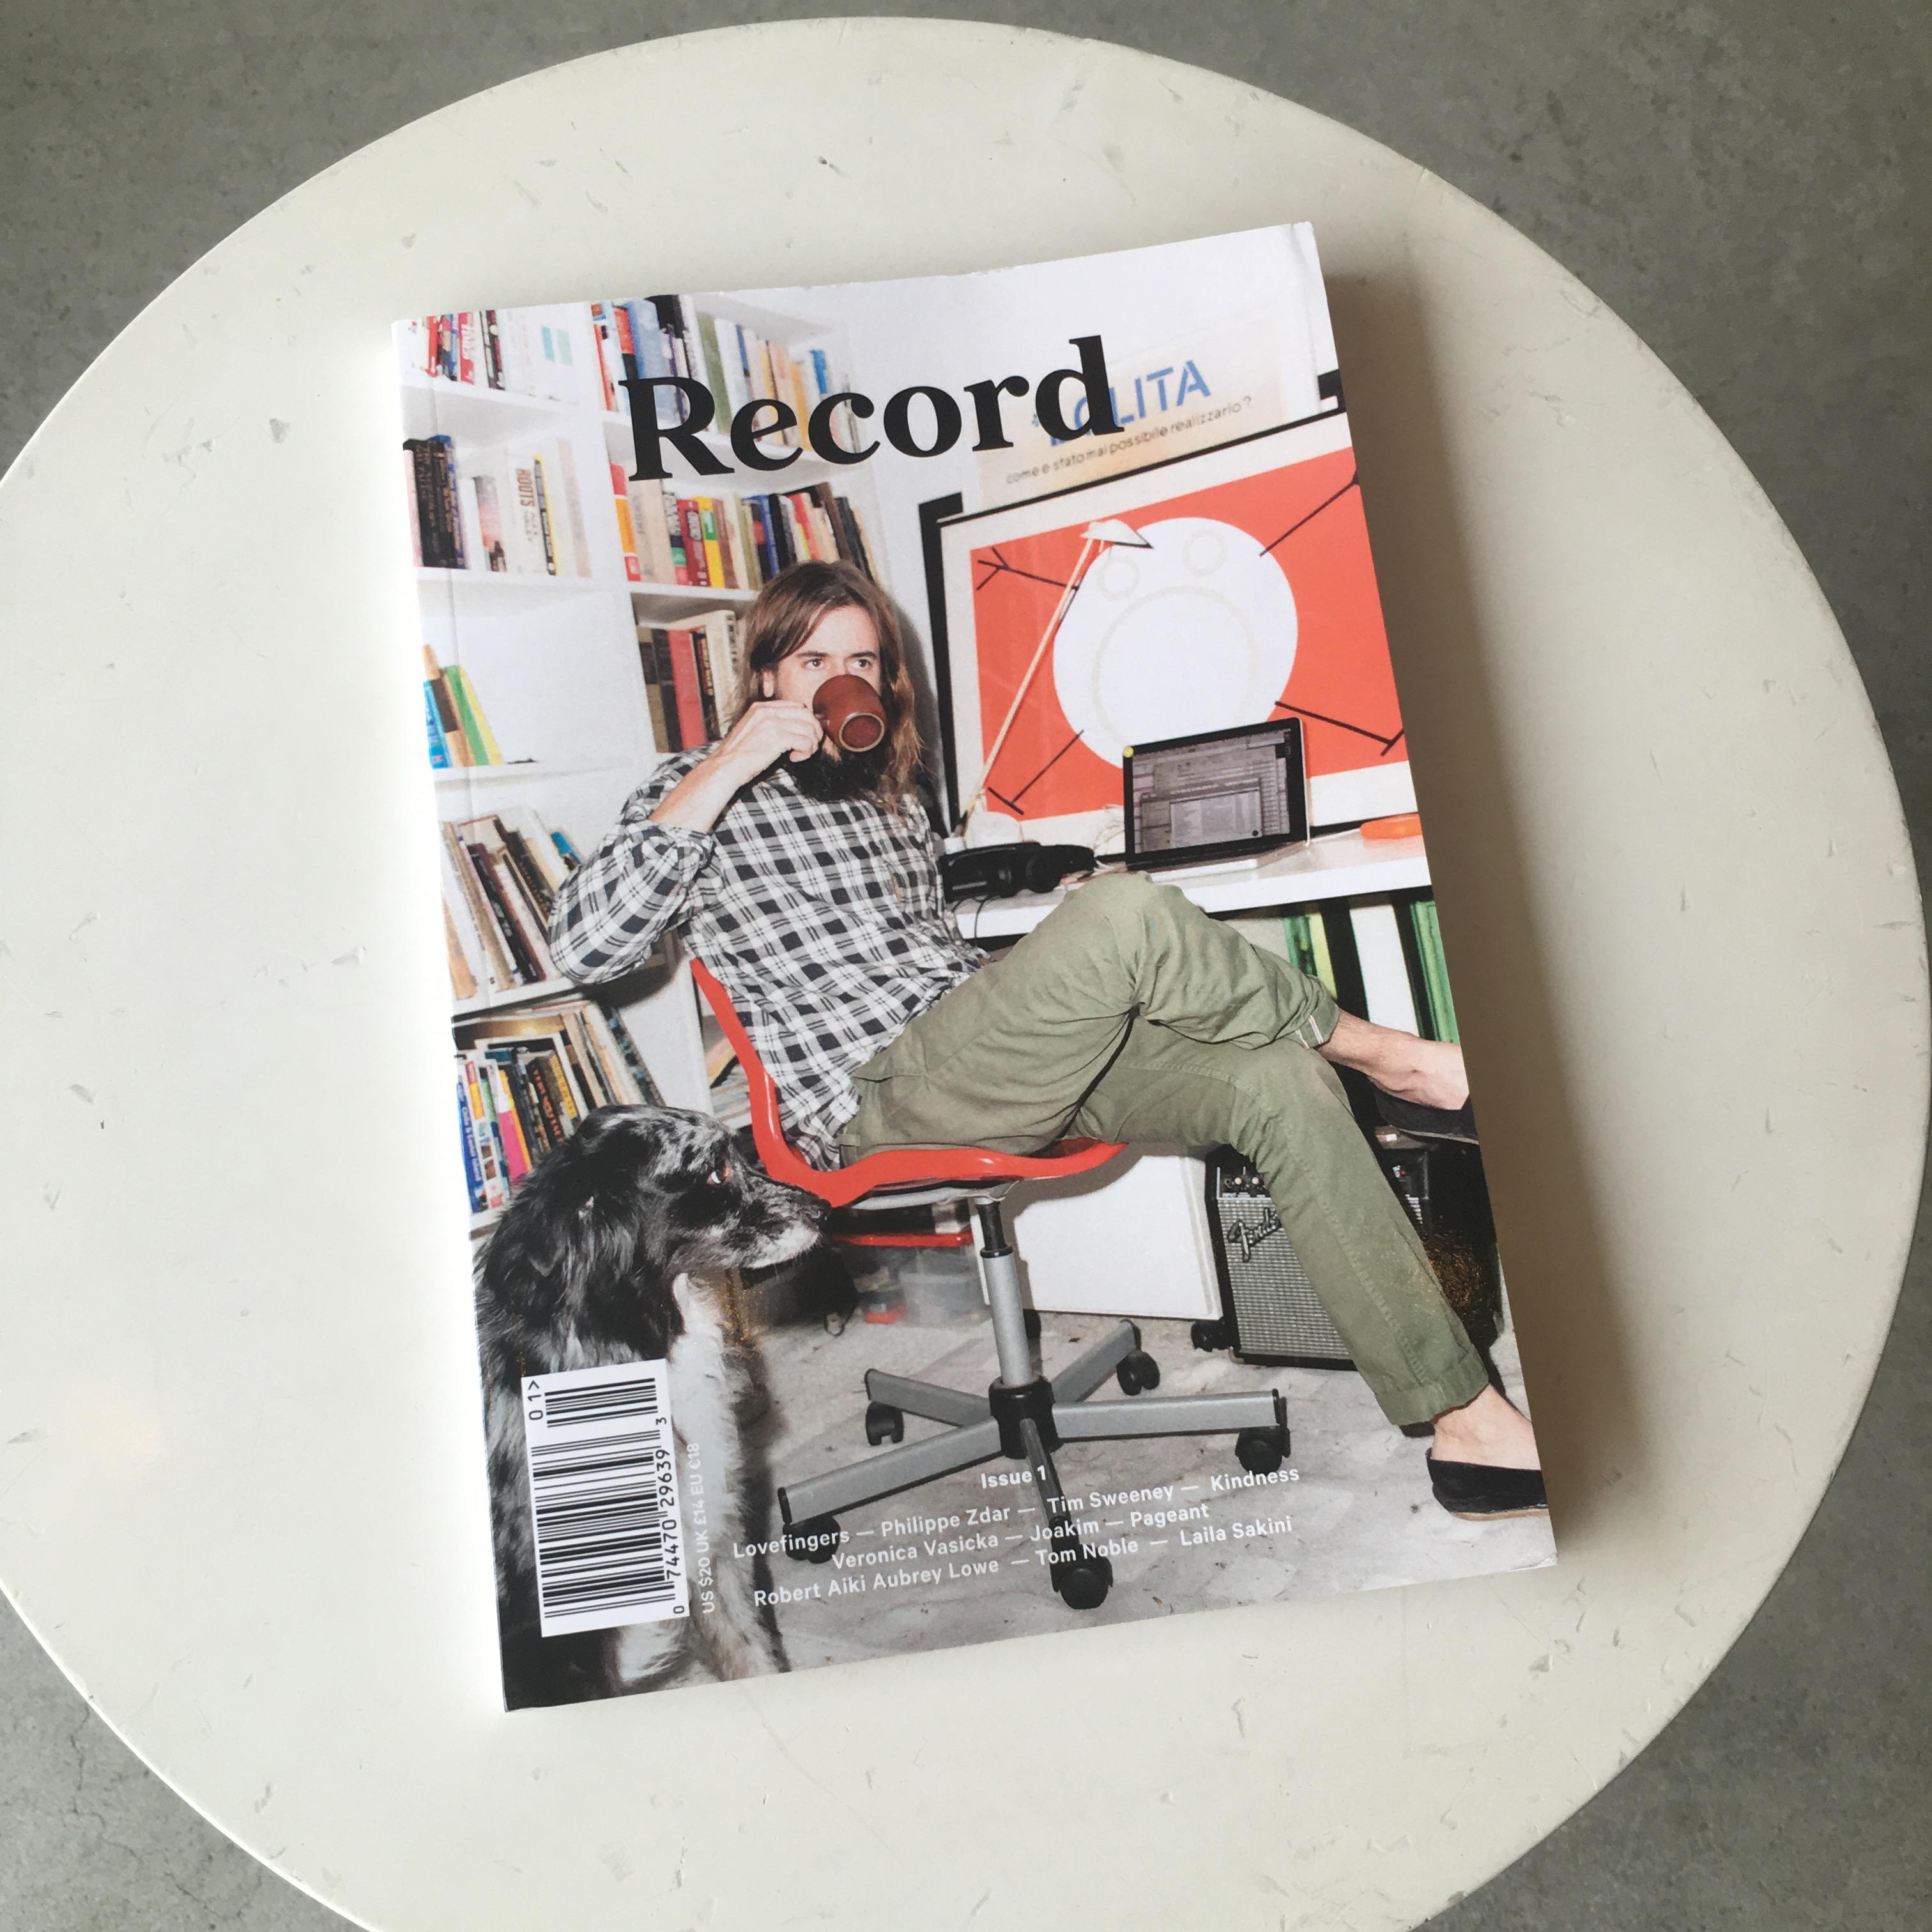 東京の書店員、ニューヨークを歩く。『NY Art Book Fair』で見つけてきたもの。